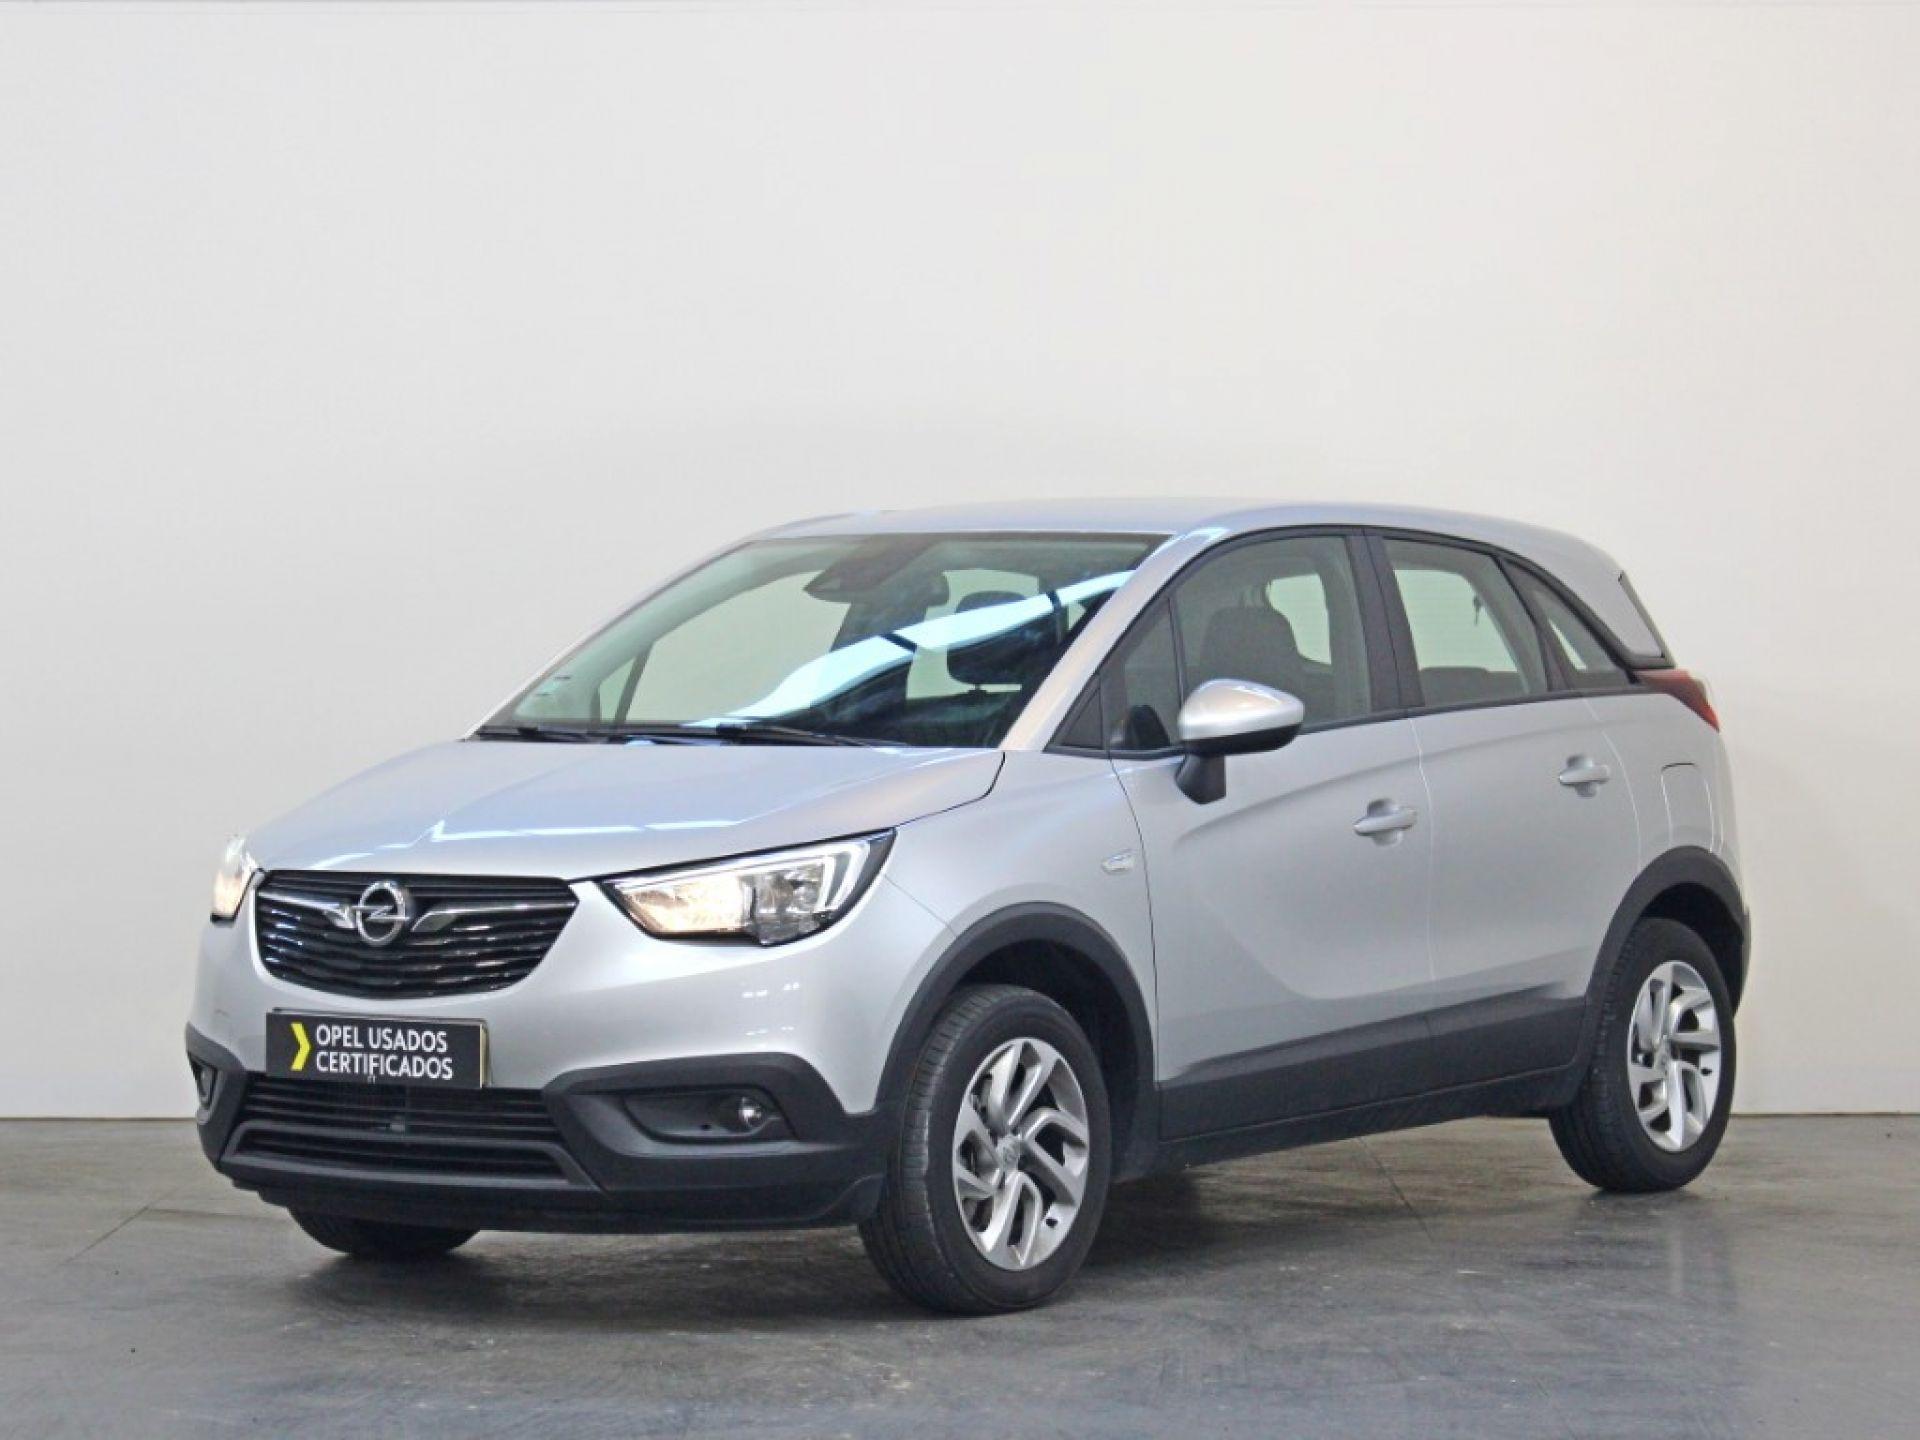 Opel Crossland X 1.2T 110cv S/Edition segunda mão Porto